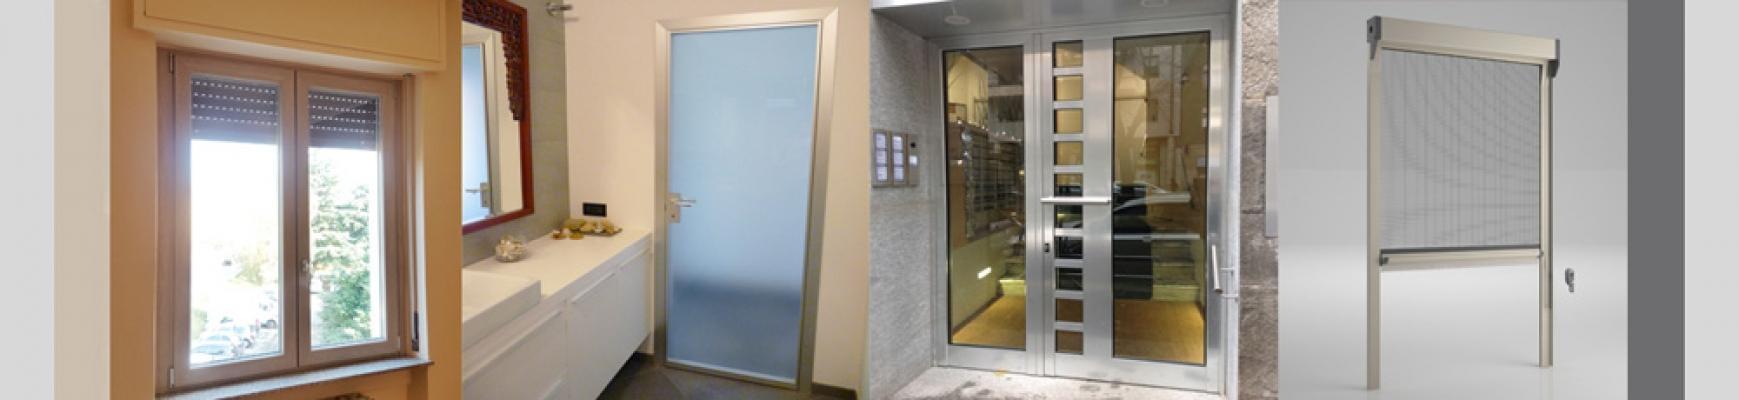 Serra bioclimatica con chiusure in vetro Denia Serramenti